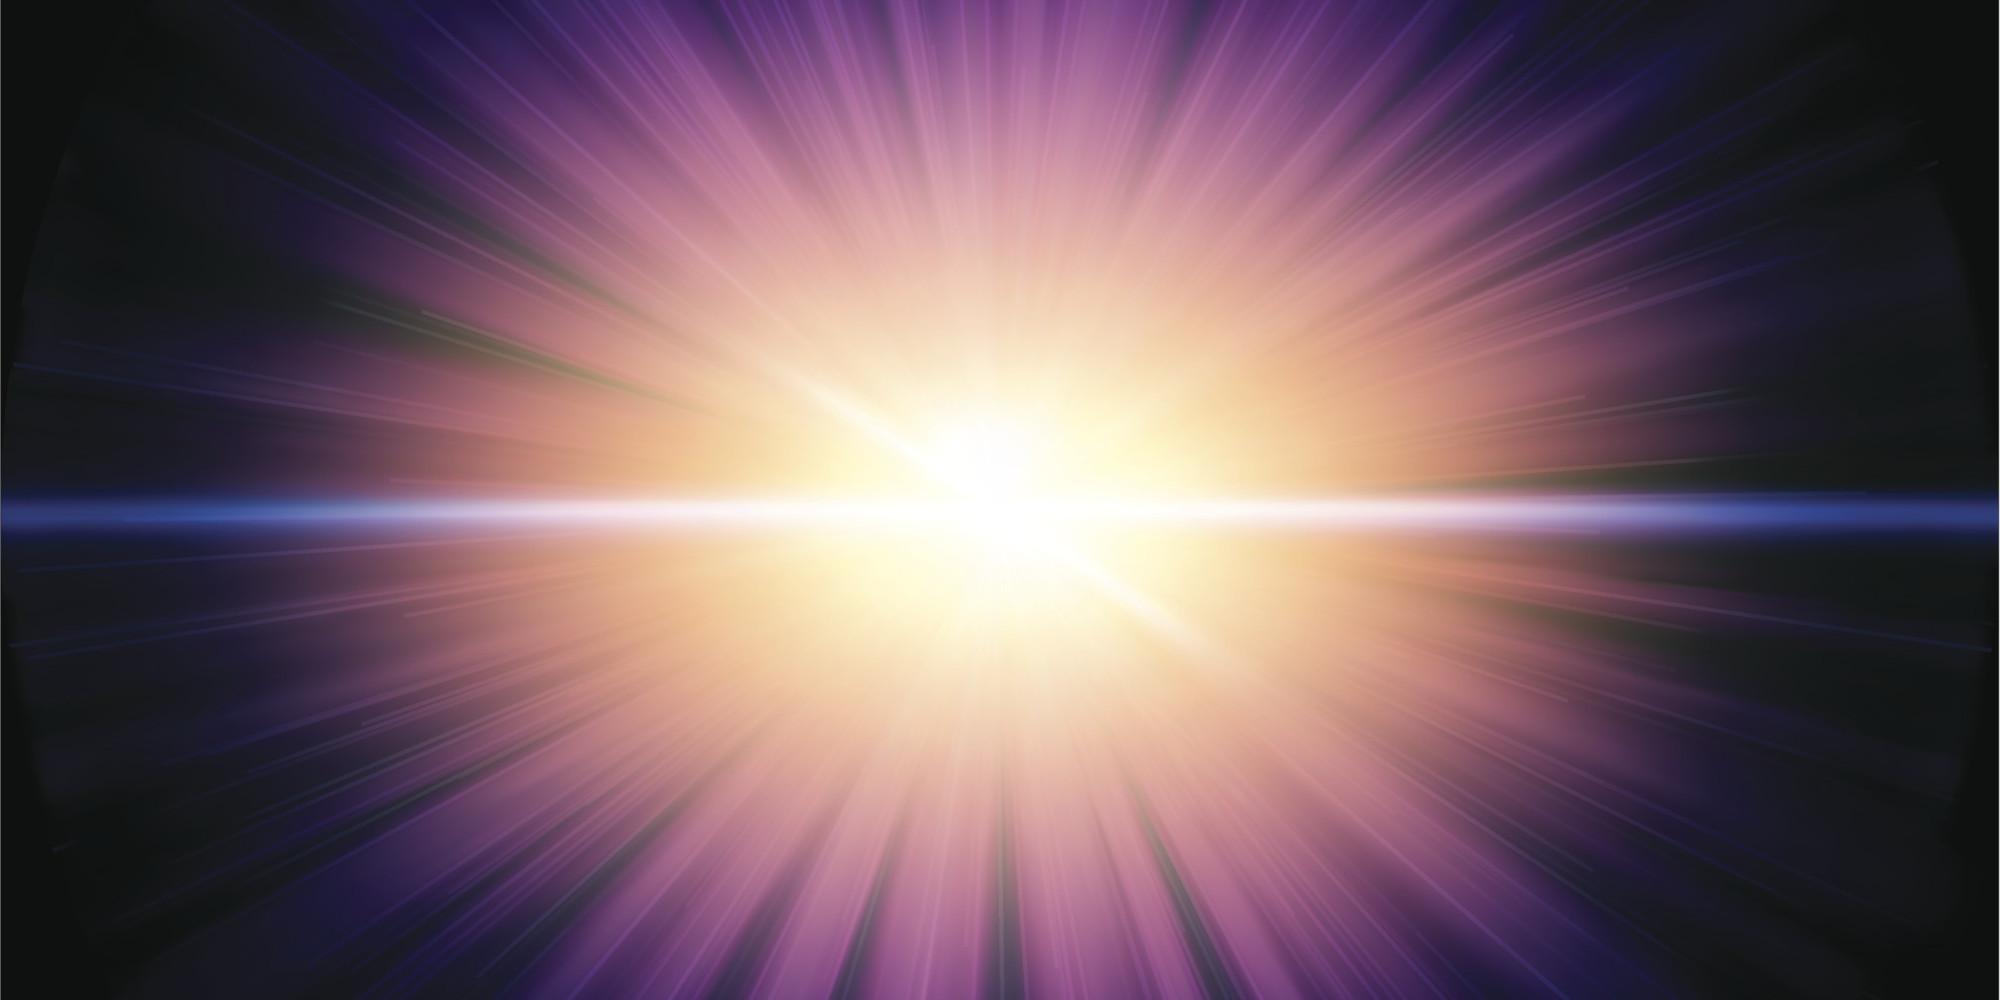 origine de l u0026 39 univers   des chercheurs de harvard ont vu l u0026 39  u00e9cho du big bang